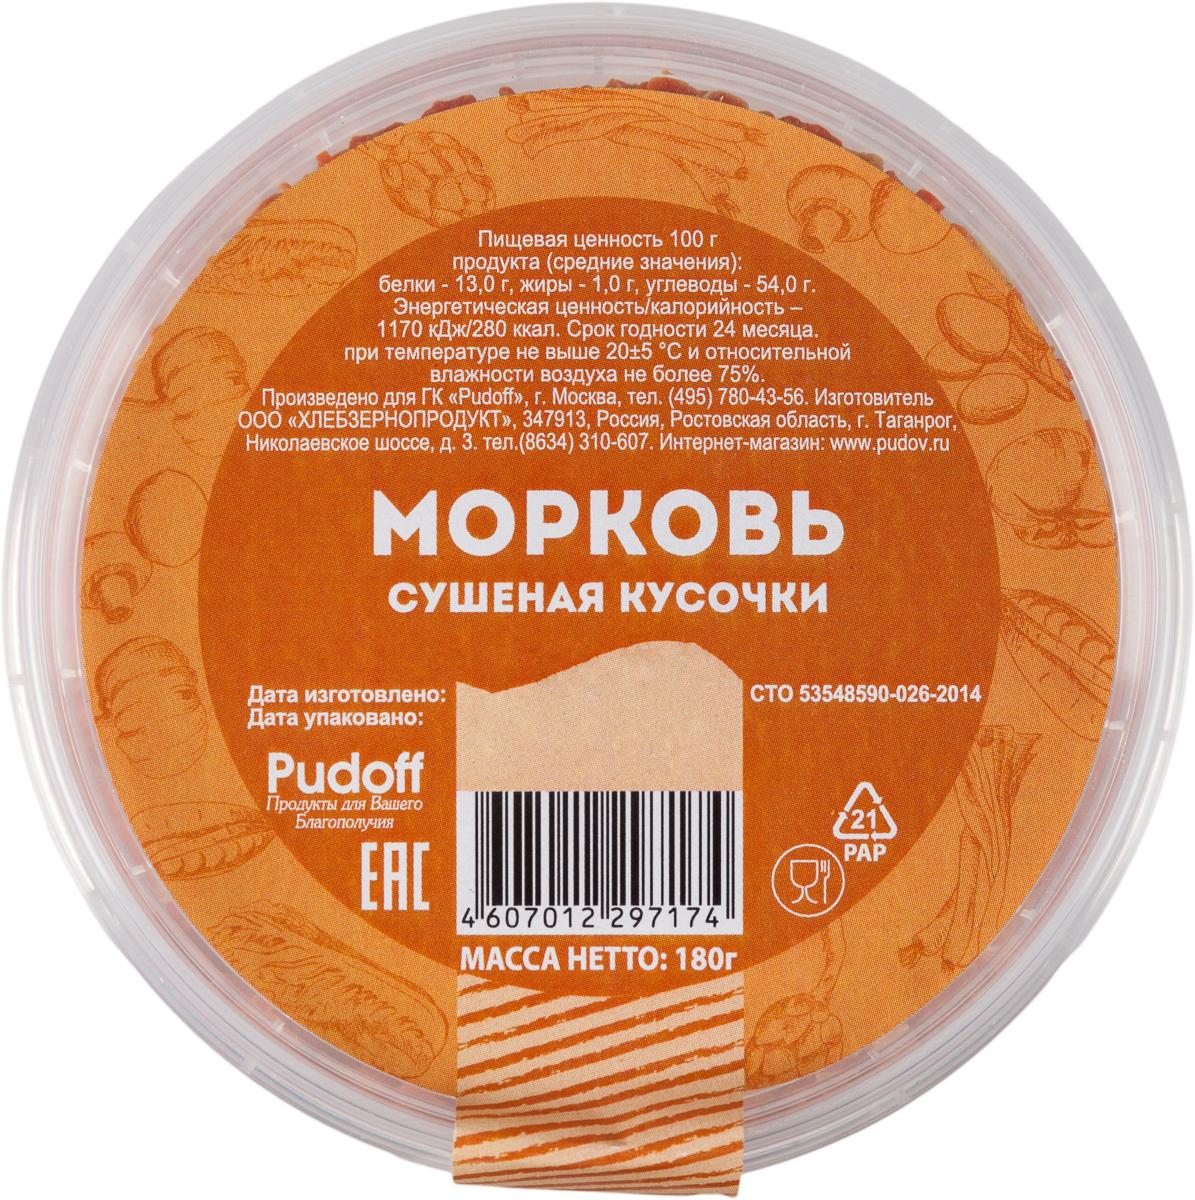 Пудовъ морковь сушеная кусочки, 180 г С.Пудовъ